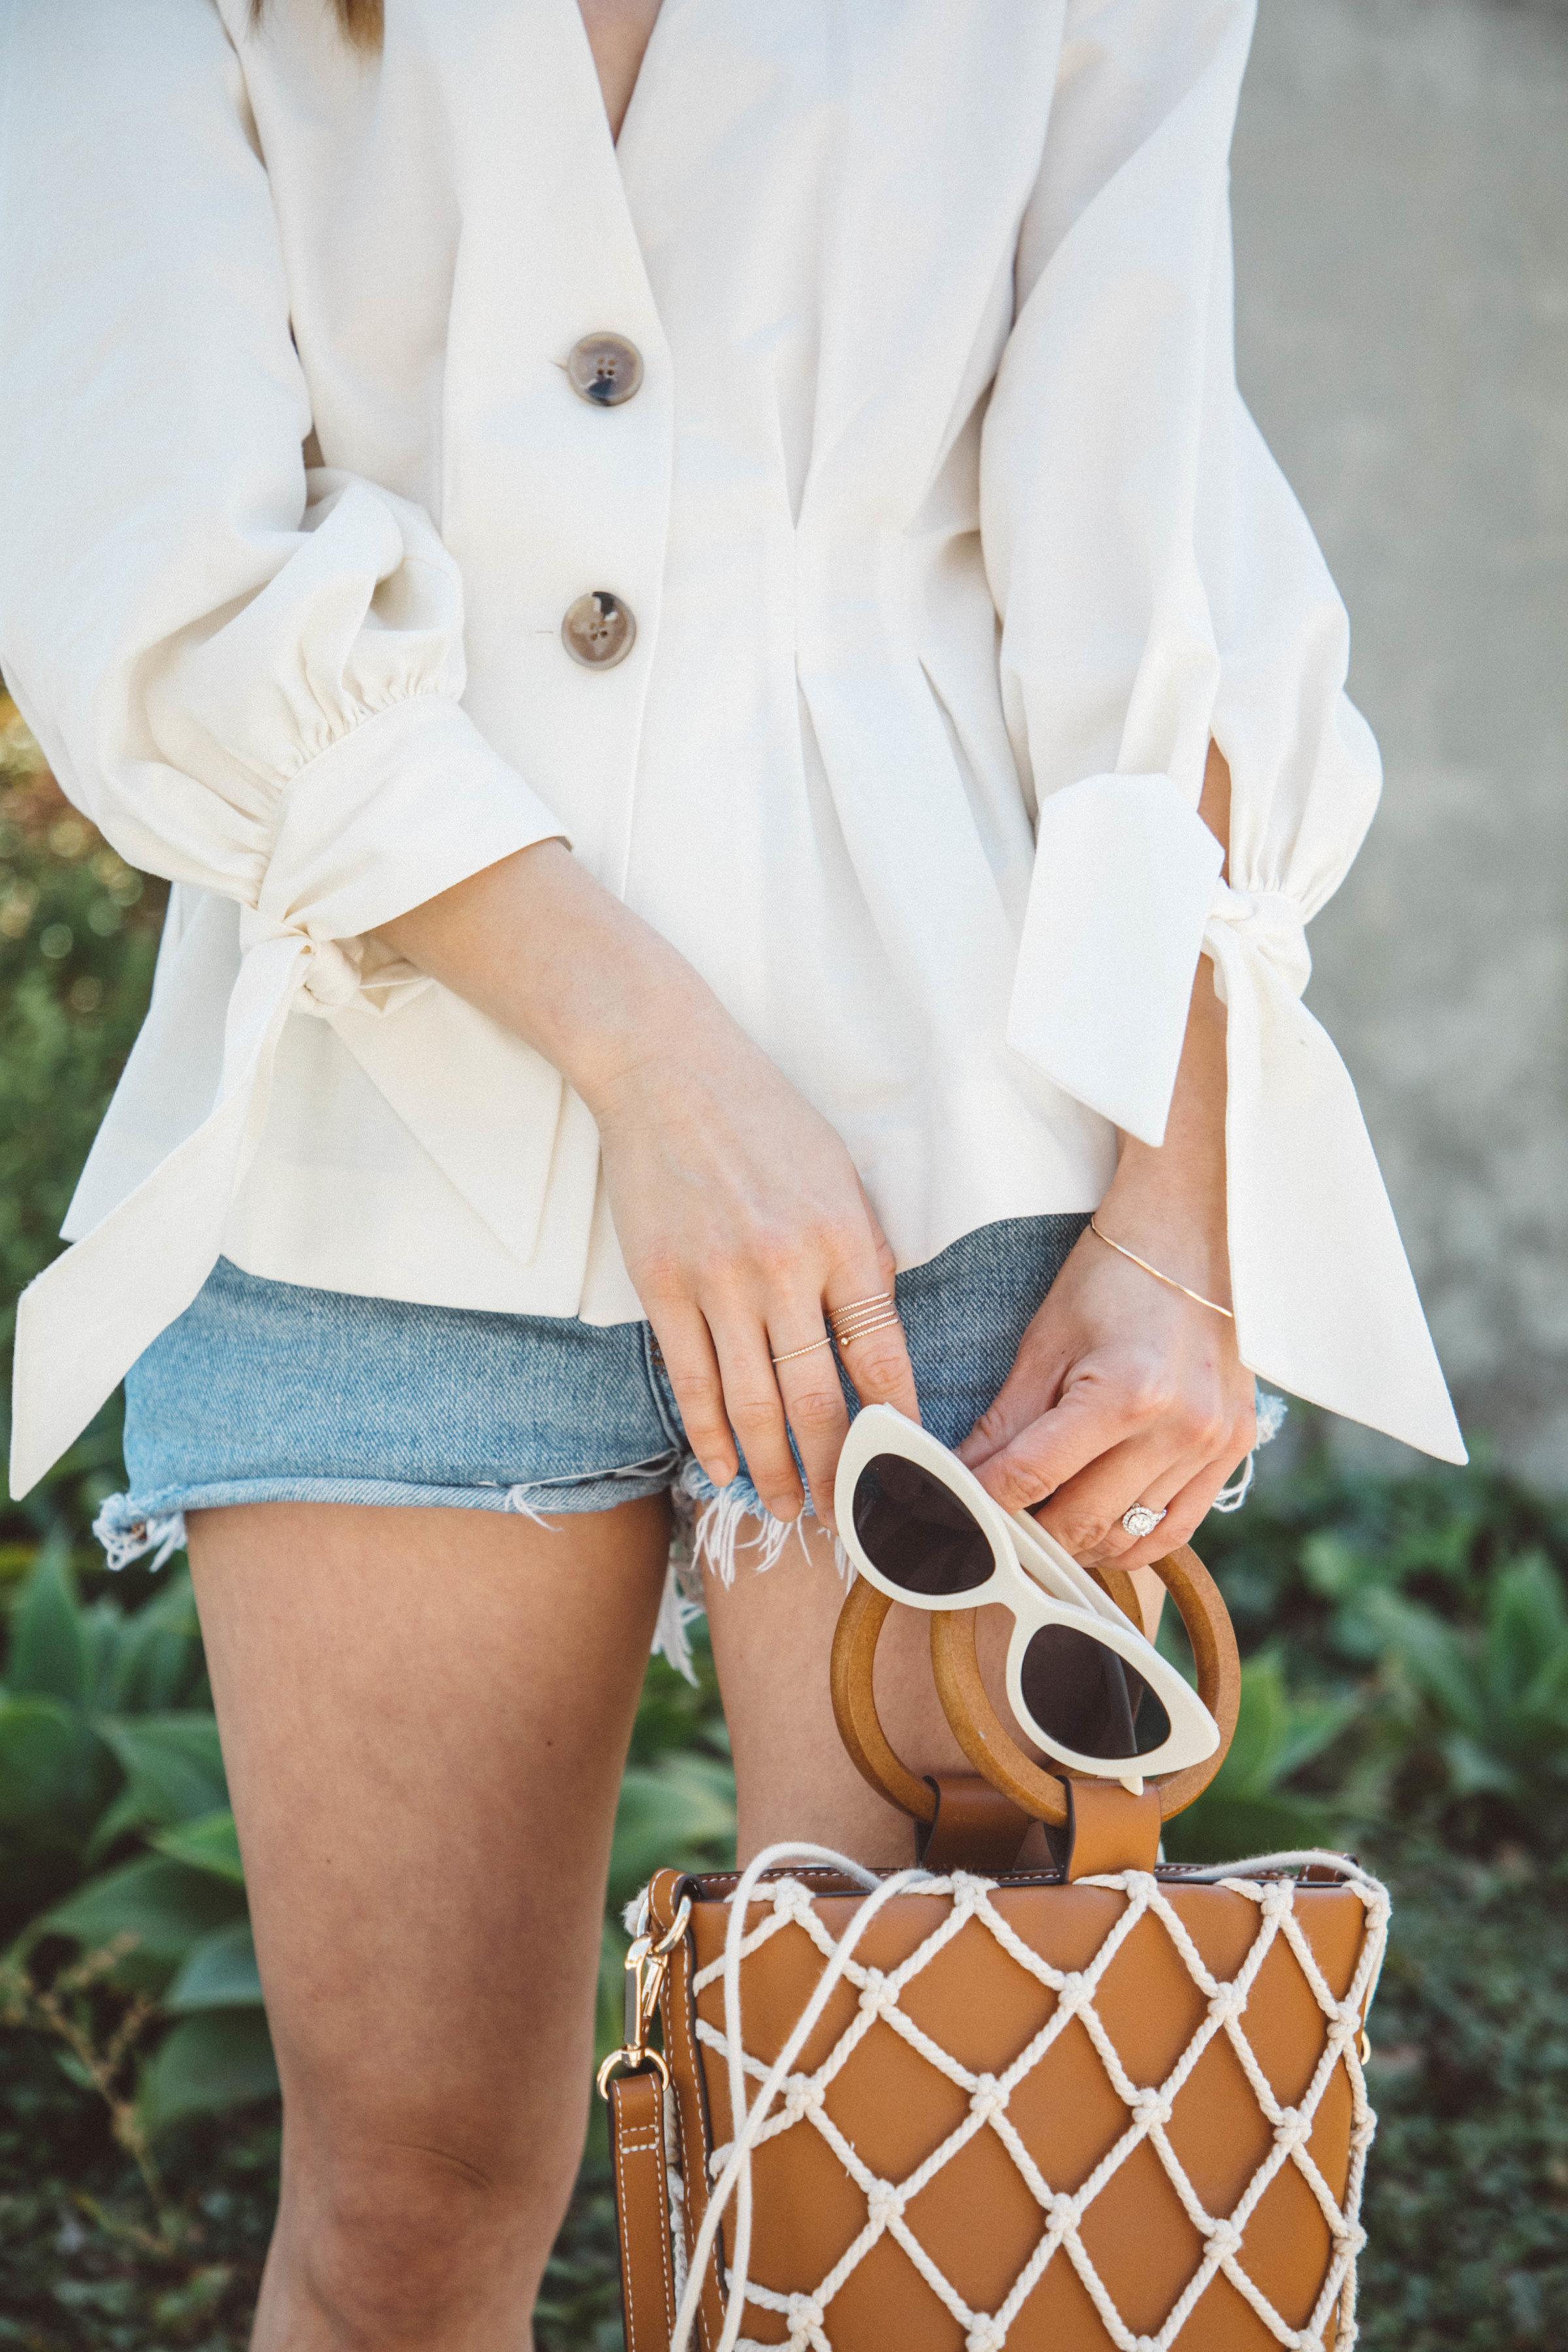 chic-summer-accessories-trend.jpg